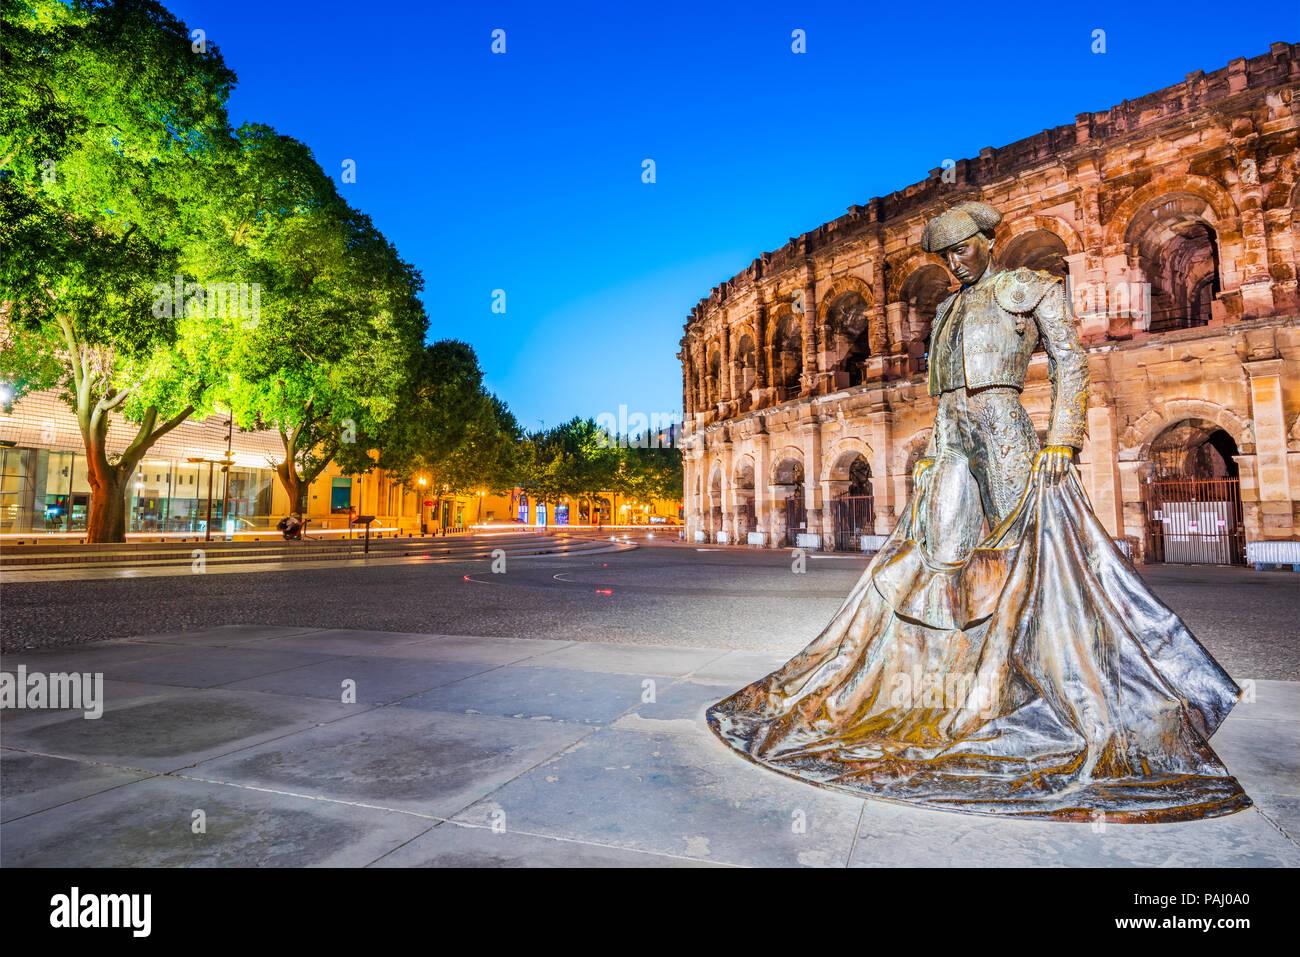 Nîmes, ancien amphithéâtre romain dans l'Occitanie, région de l'Aquitaine médiévale du sud de la France. Magnifique grand Arena. Photo Stock